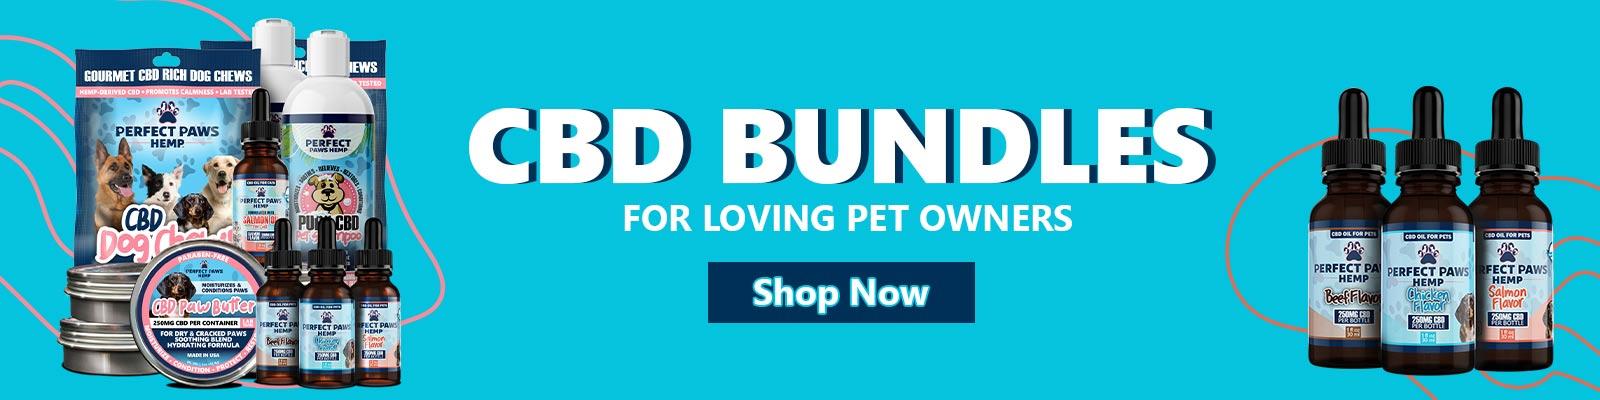 CBD Bundles for Pets